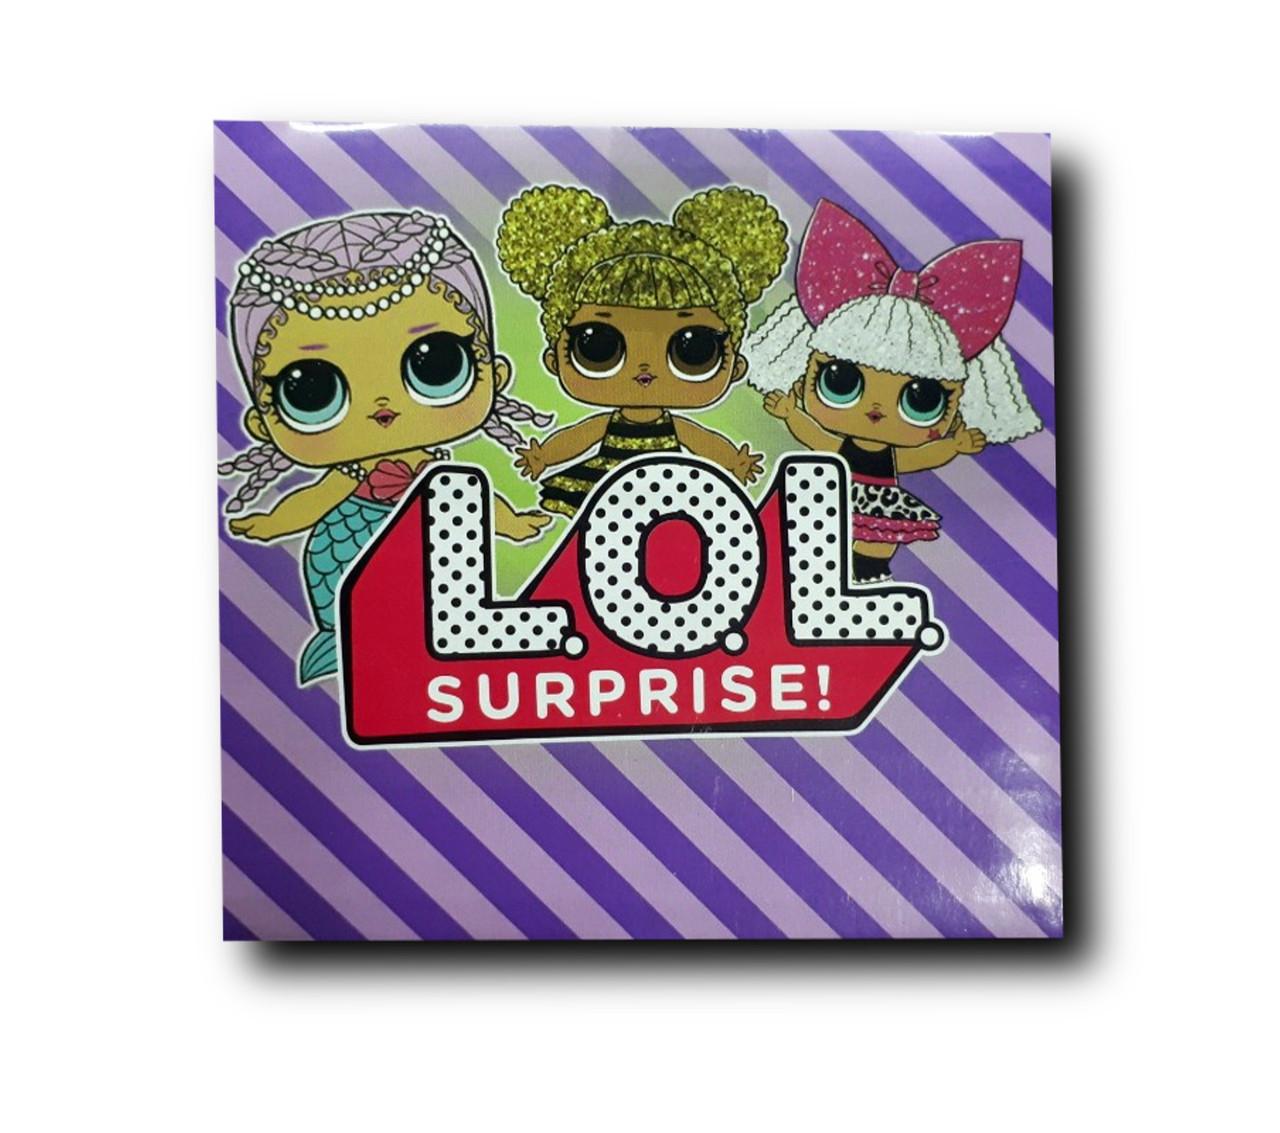 LOL Фиолетовая серия. Кукла ЛОЛ в фиолетовом шаре: продажа ...